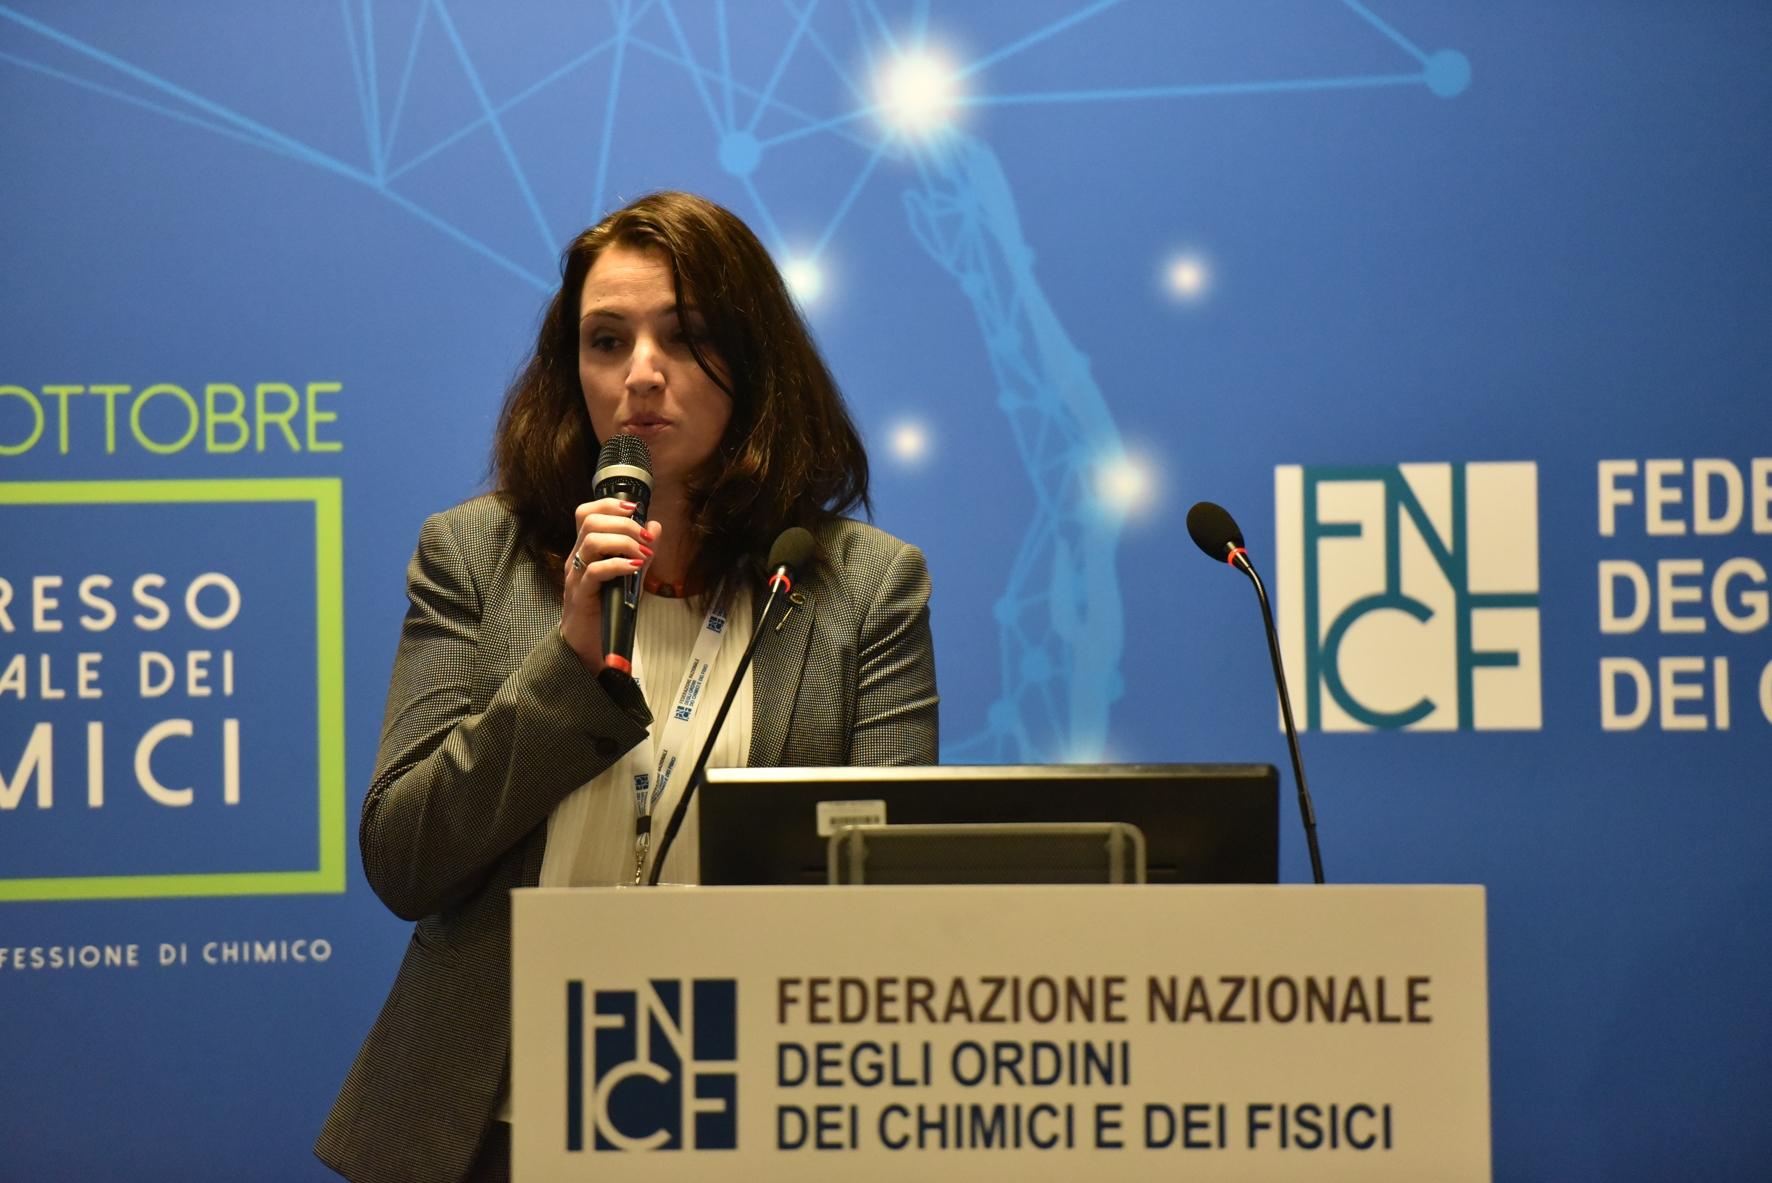 Nausicaa Orlandi (presidente Federazione): «Pnrr: riforma Pa più tecnologica, attenta agli interessi e alla salute di tutti»